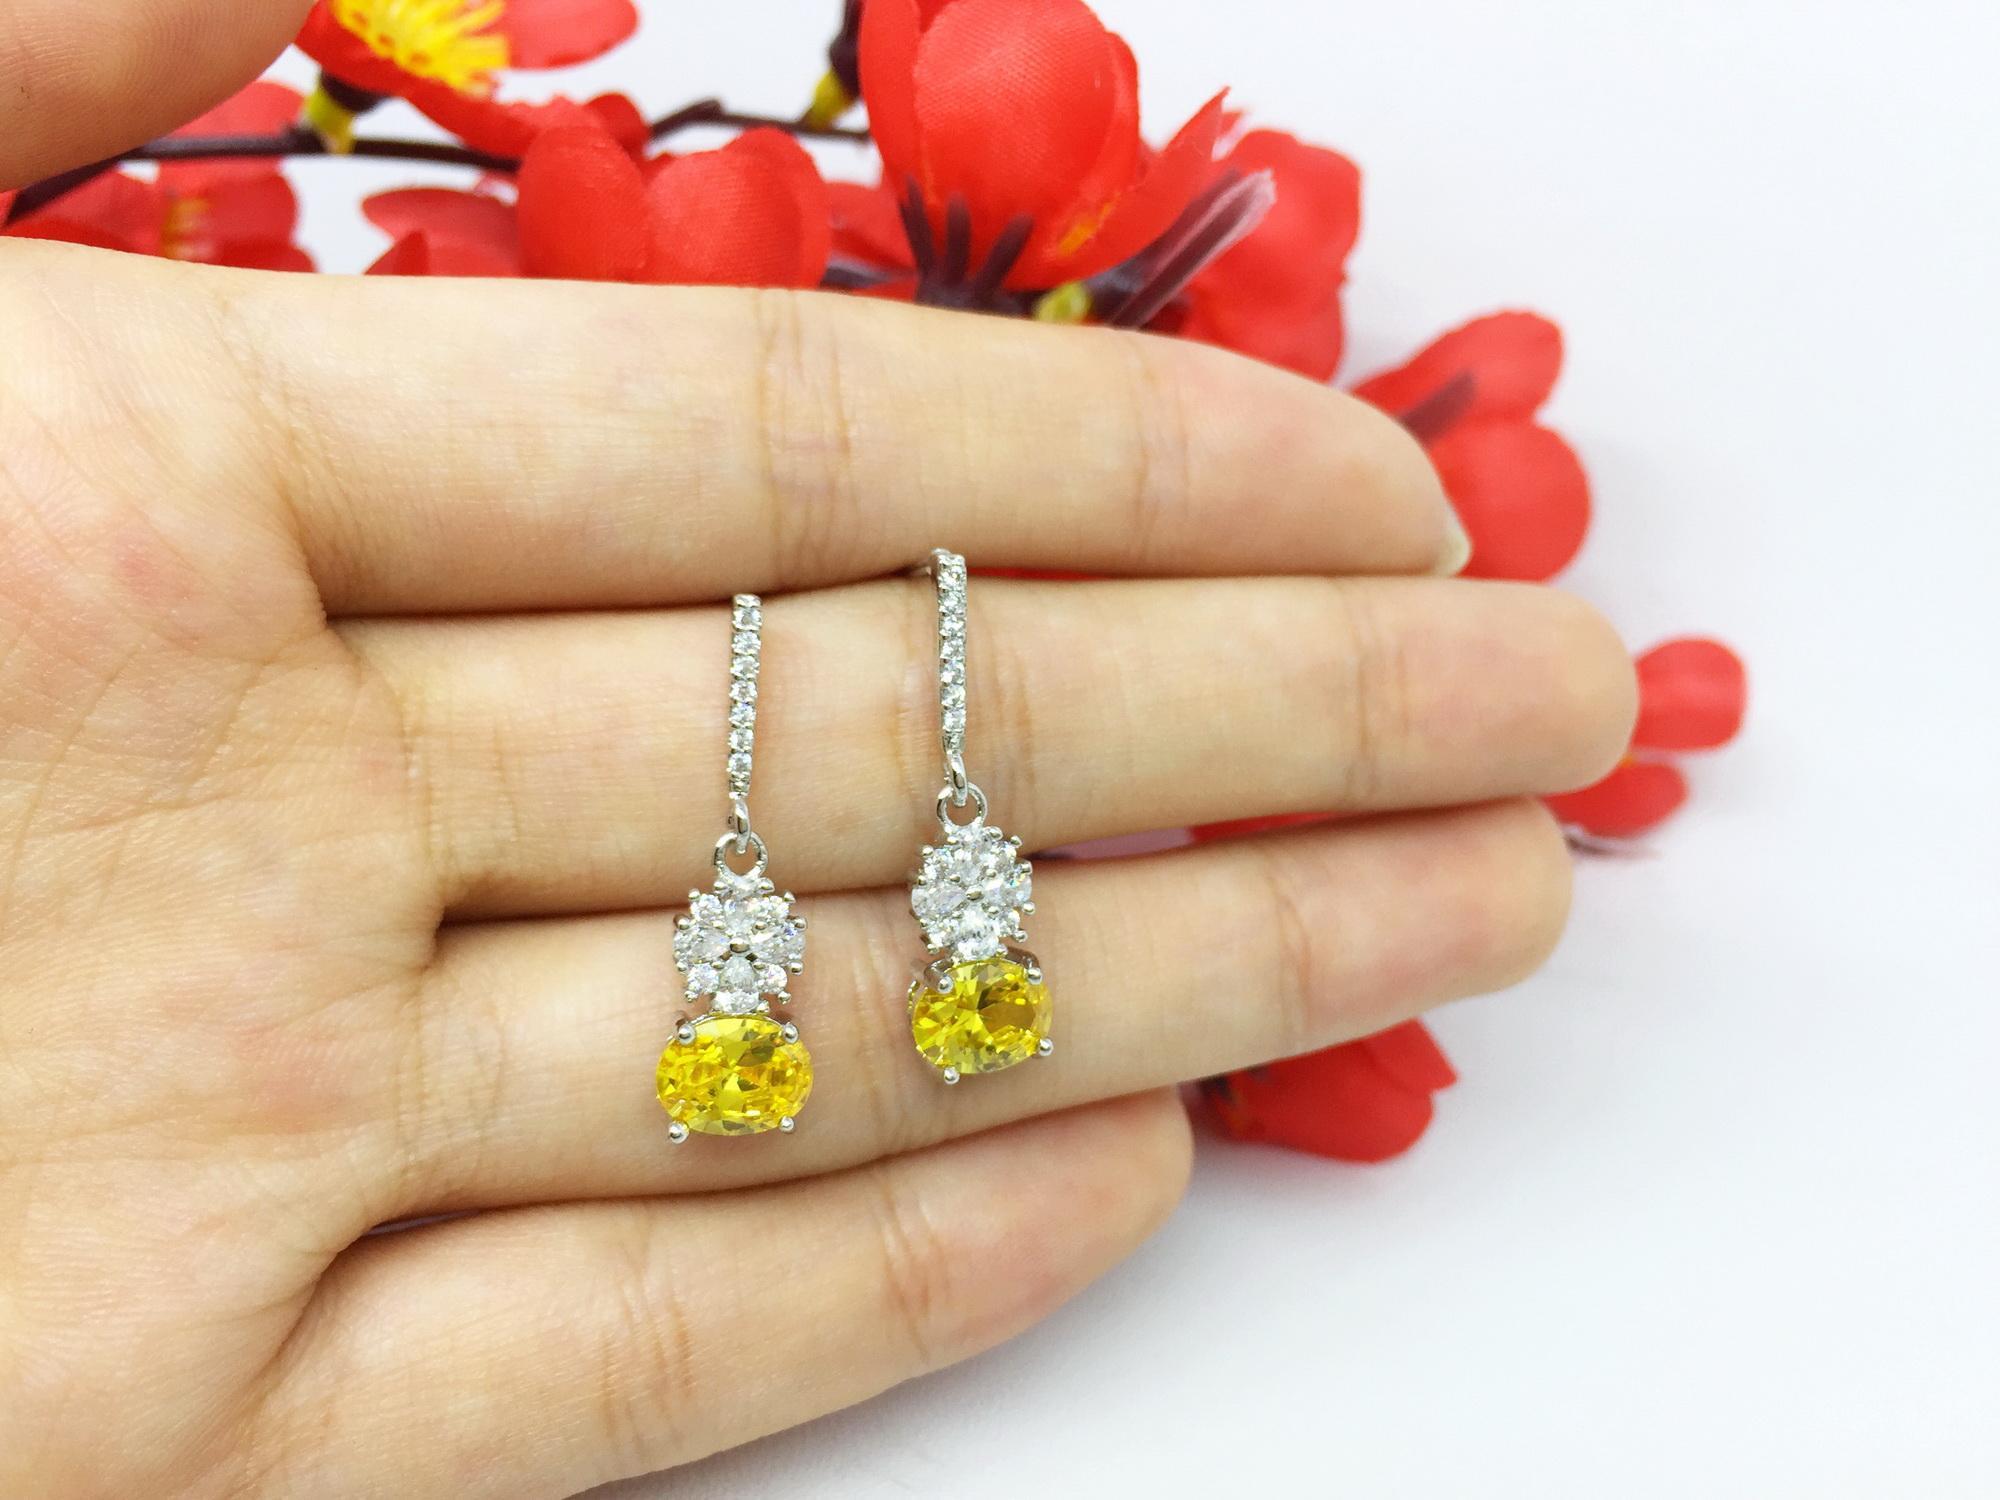 Anting Tusuk Lapis Emas Putih Silver Batu Kuning Imitasi Berlian